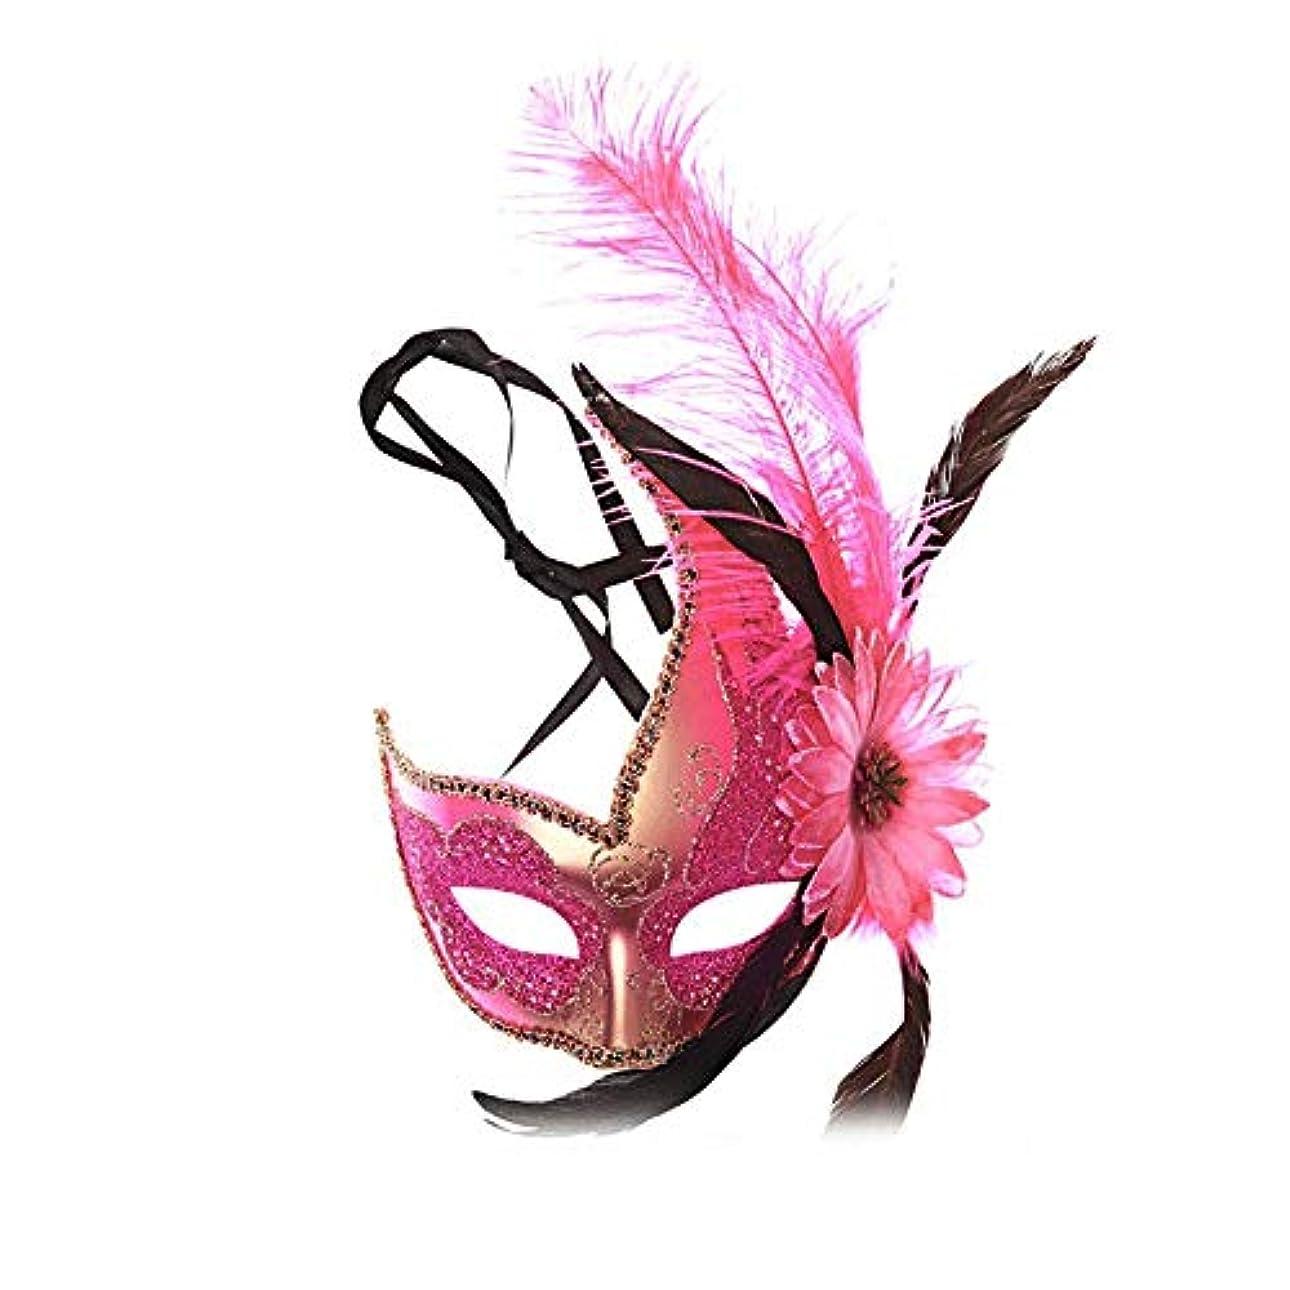 通常不確実本能Nanle ハロウィンマスクハーフフェザーマスクベニスプリンセスマスク美容レース仮面ライダーコスプレ (色 : Style B rose red)